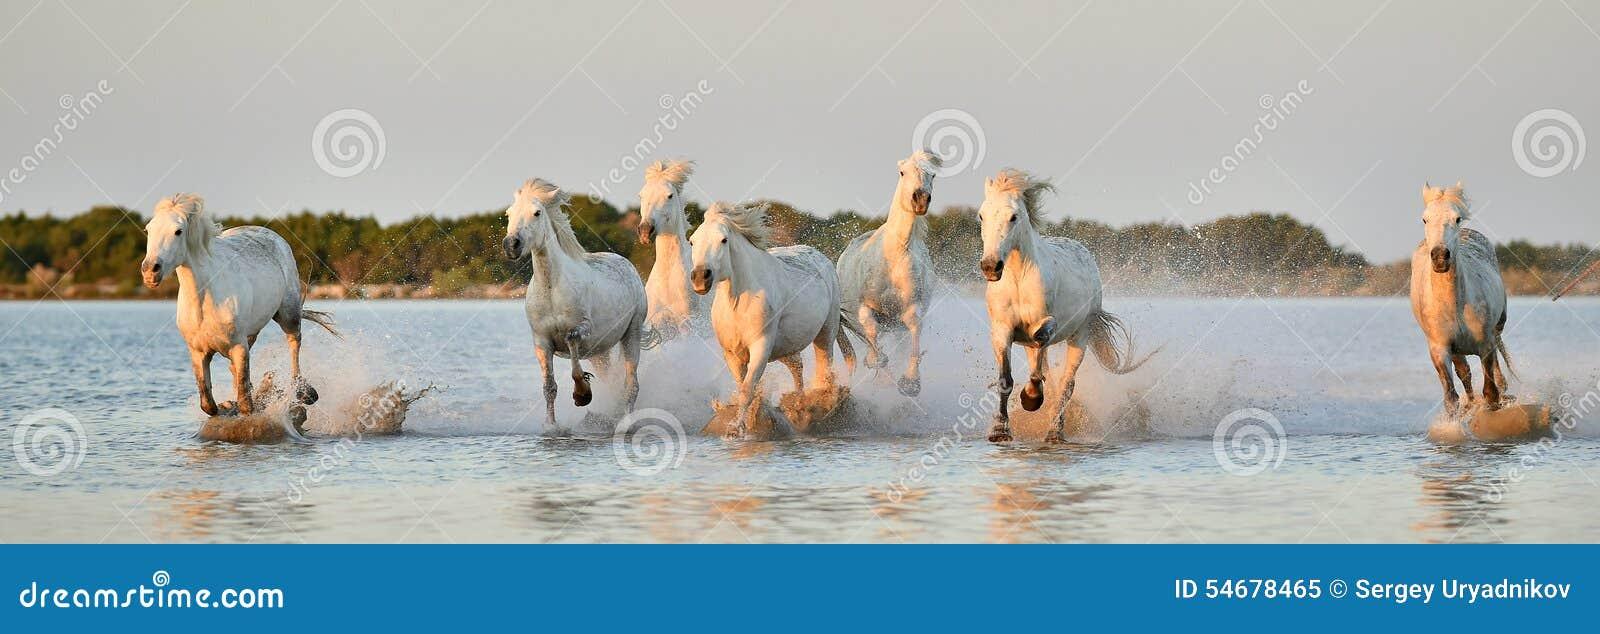 Flock av vita Camargue hästar som kör till och med vatten